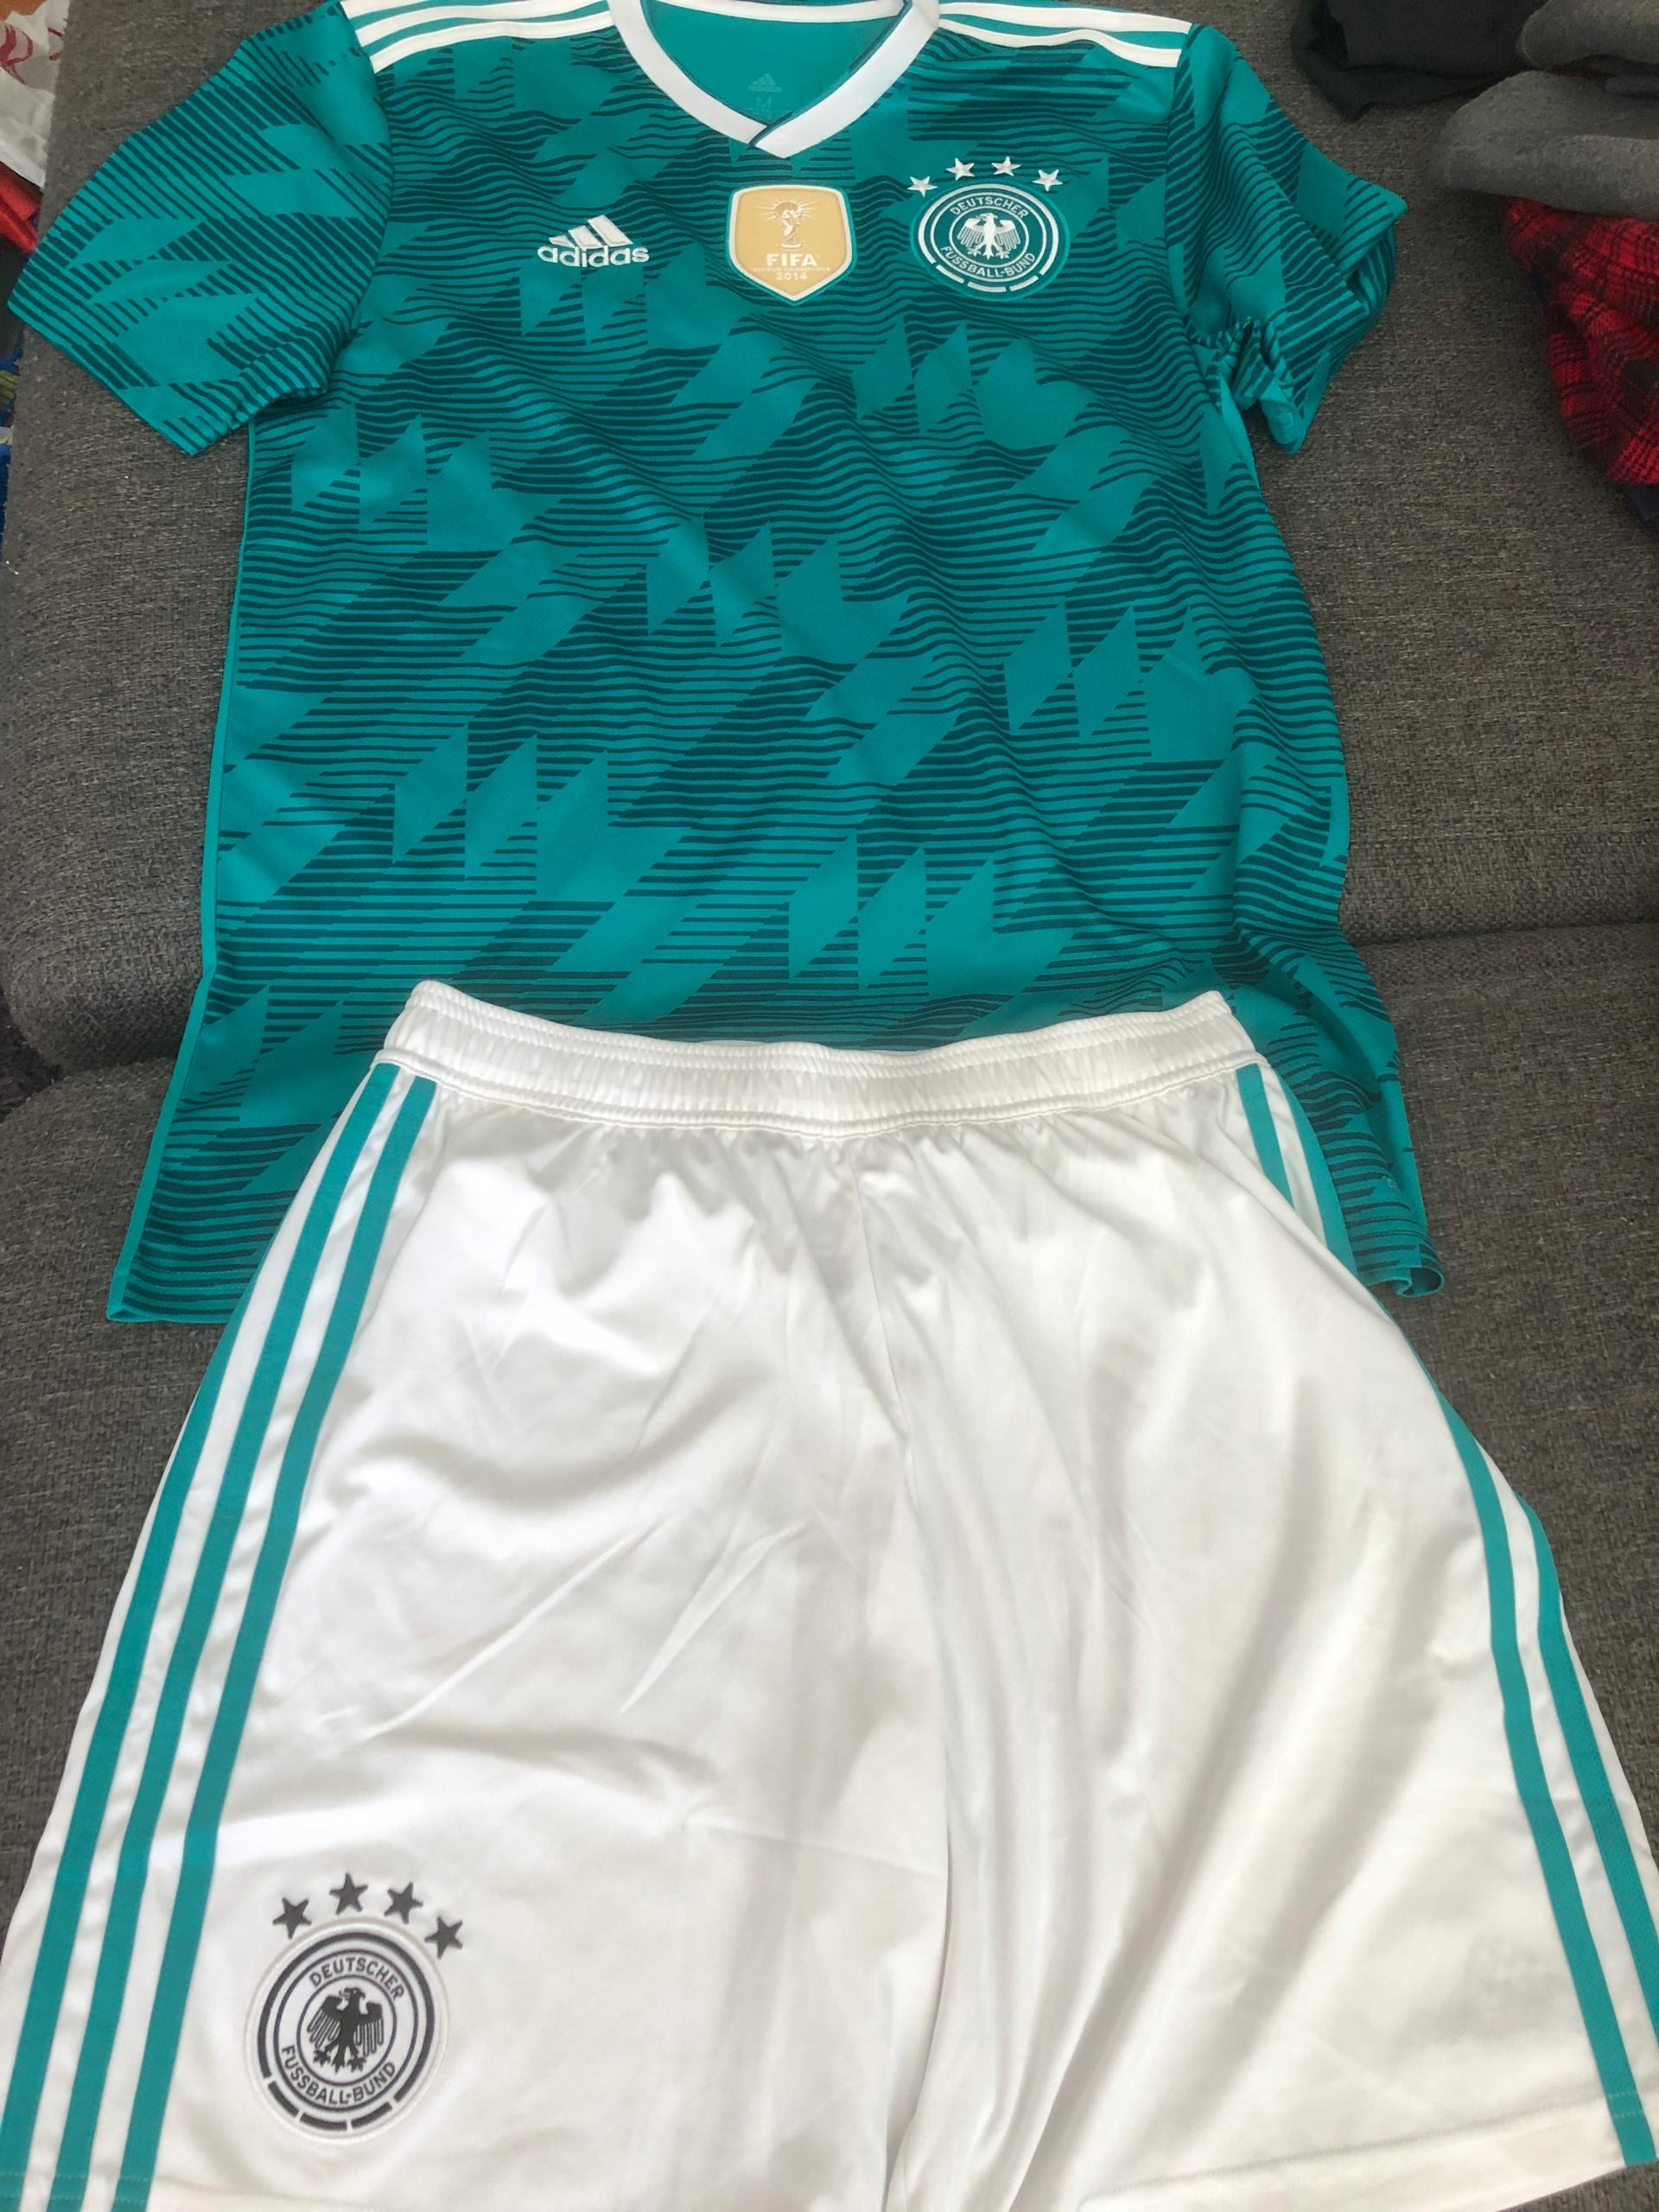 Reprezentacja Niemiec adidas strój komplet